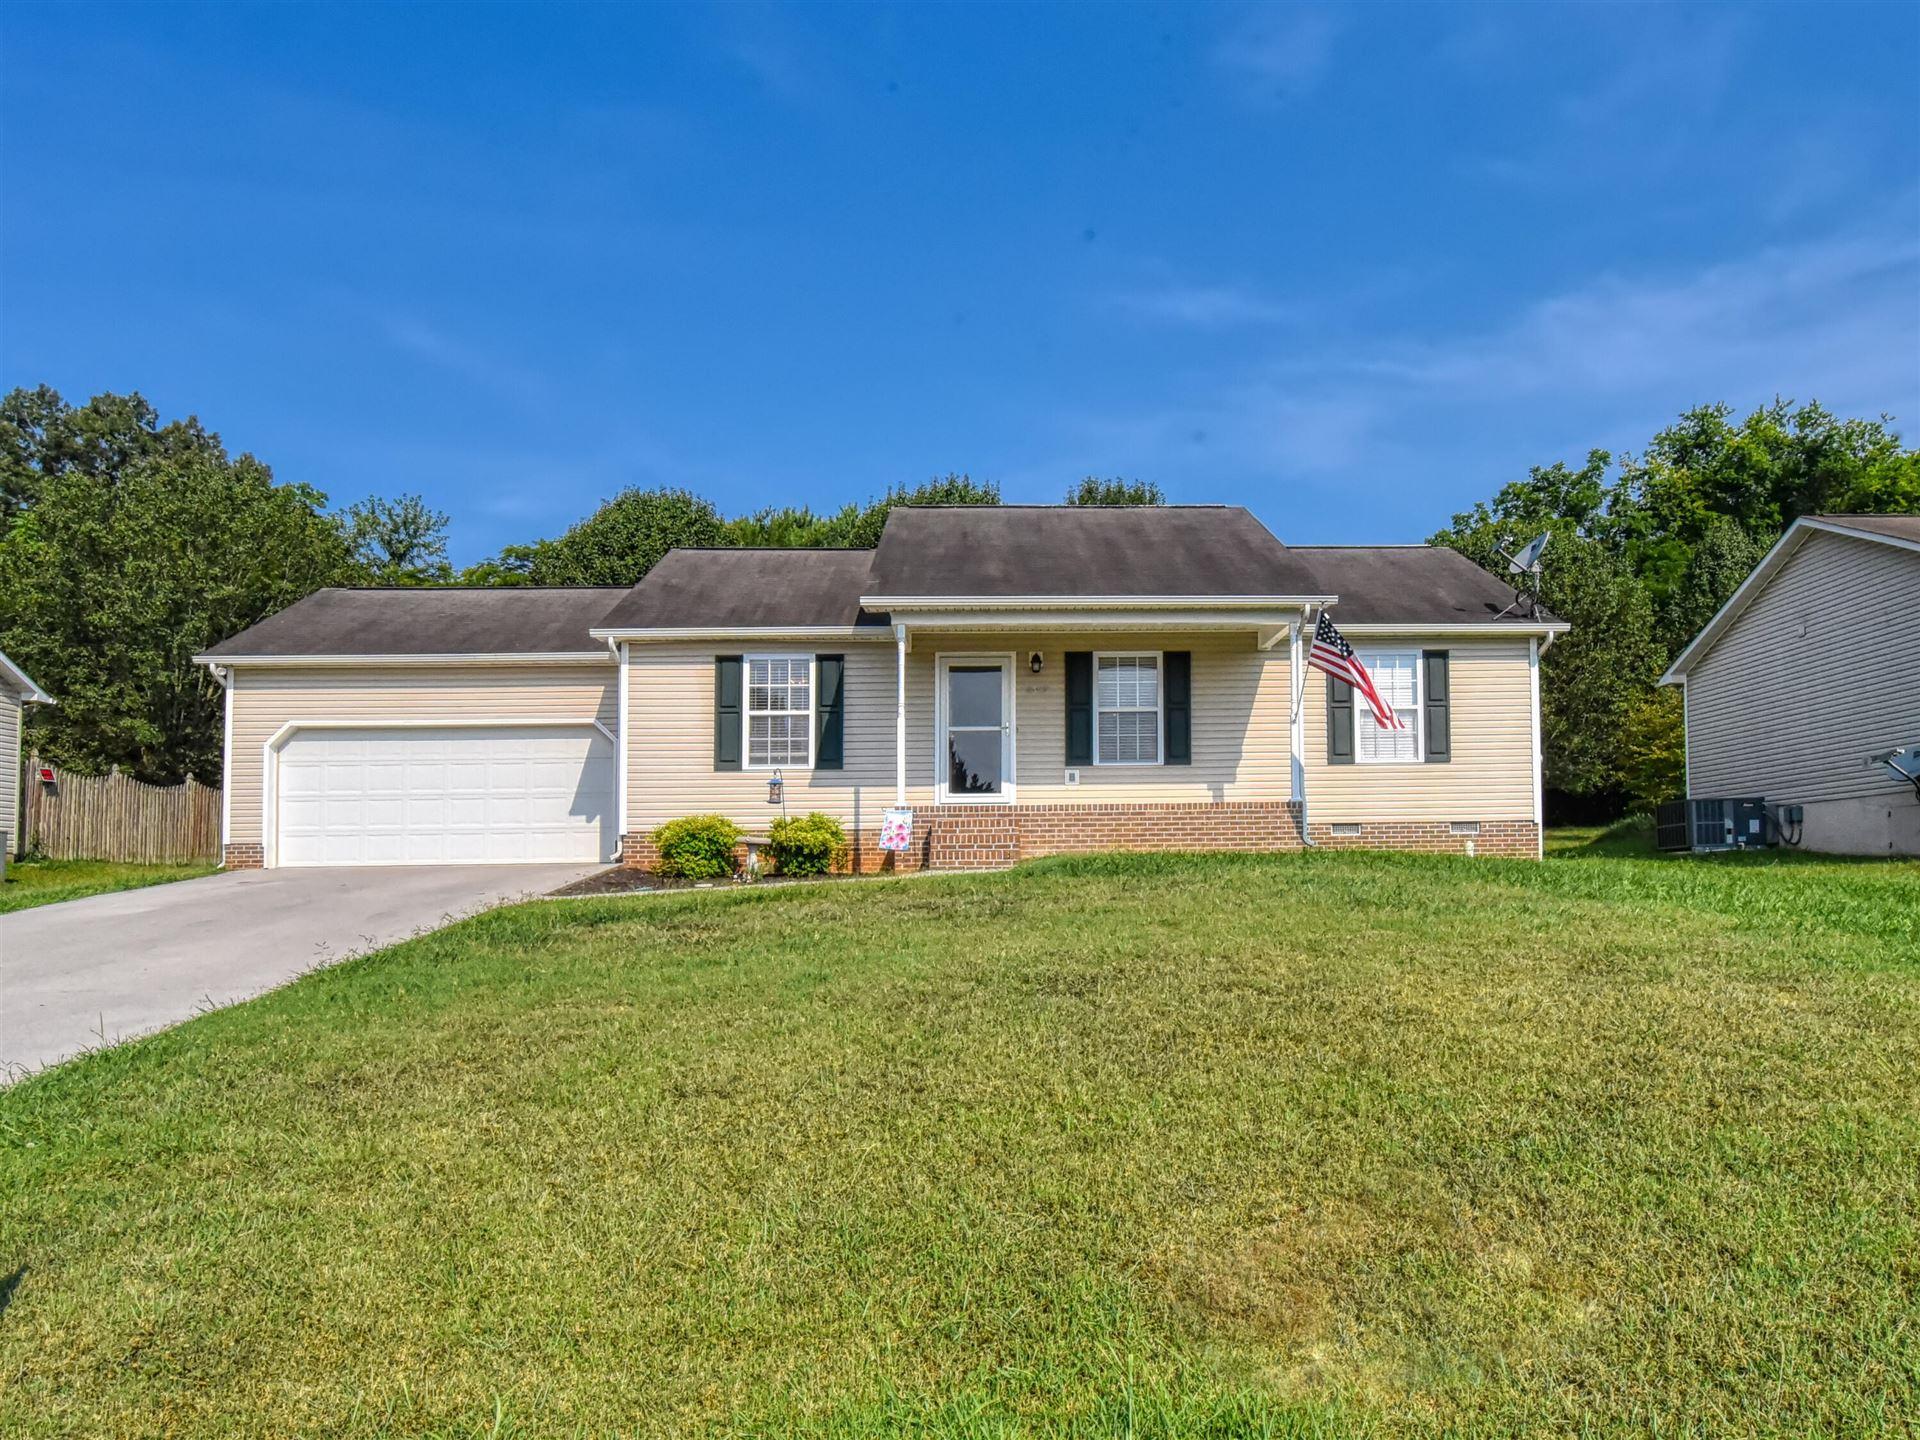 Photo of 8507 Tailwind Lane, Knoxville, TN 37924 (MLS # 1161565)